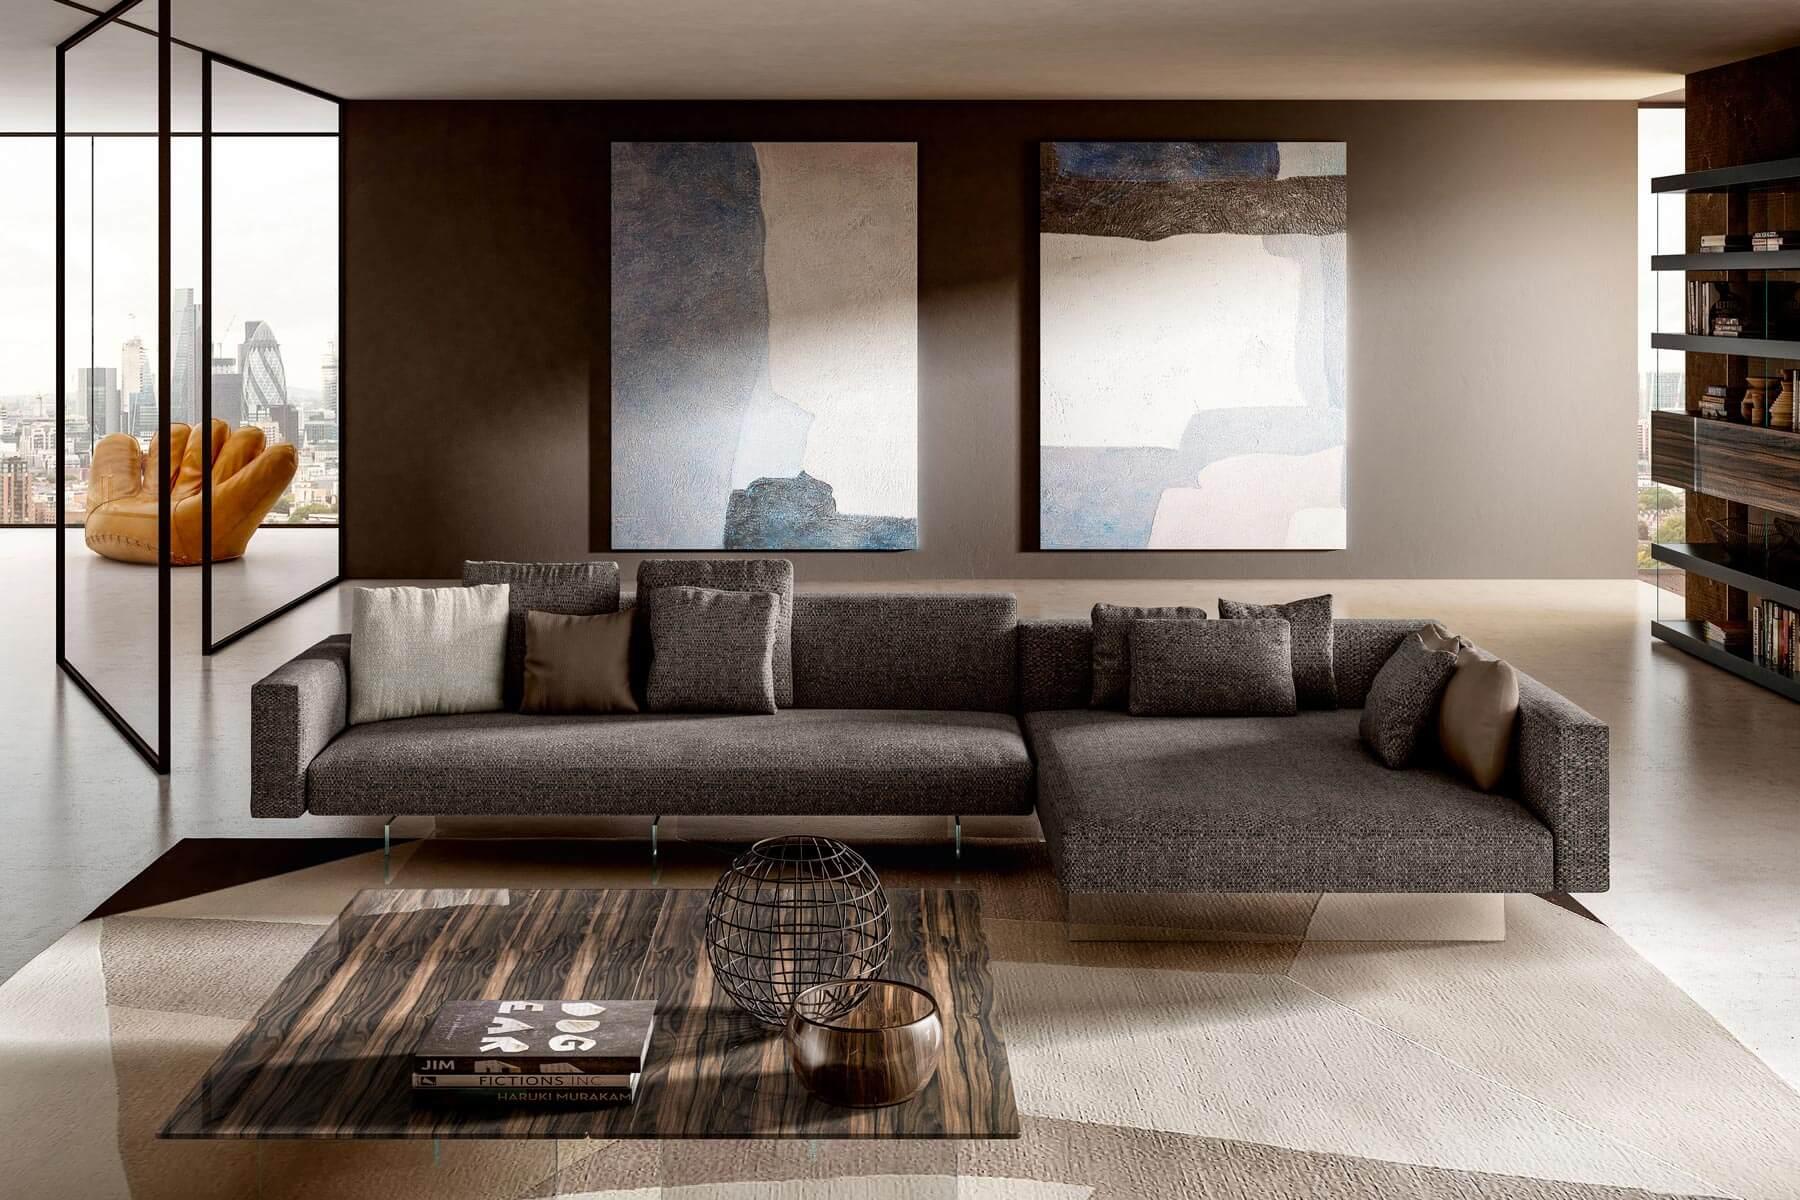 Letto Fluttua Lago Prezzo.Marini Home Design Rivenditore A Roma Dei Mobili Lago Marini